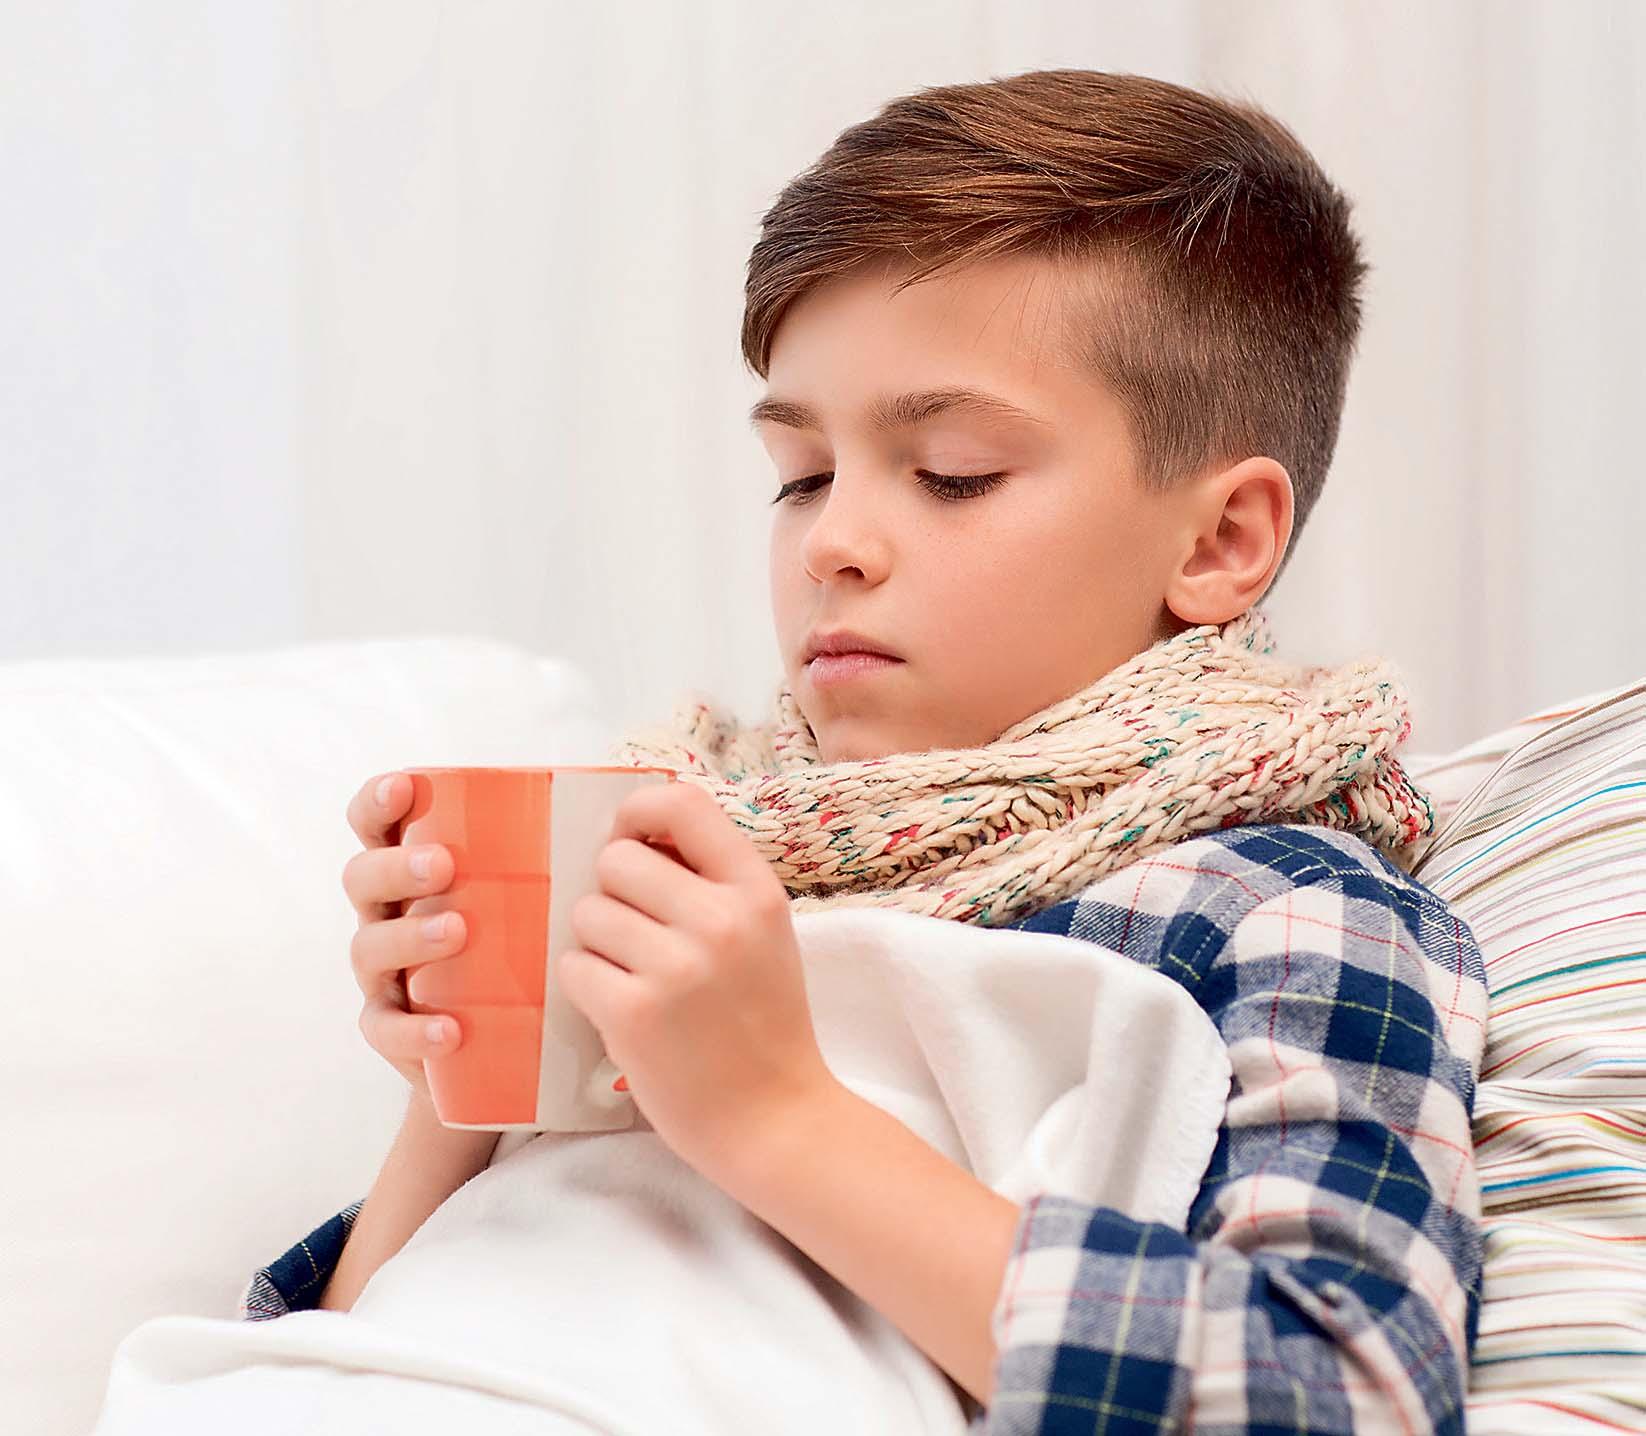 Erkältetes Kind (Foto: istockphoto.com©dolgachov)